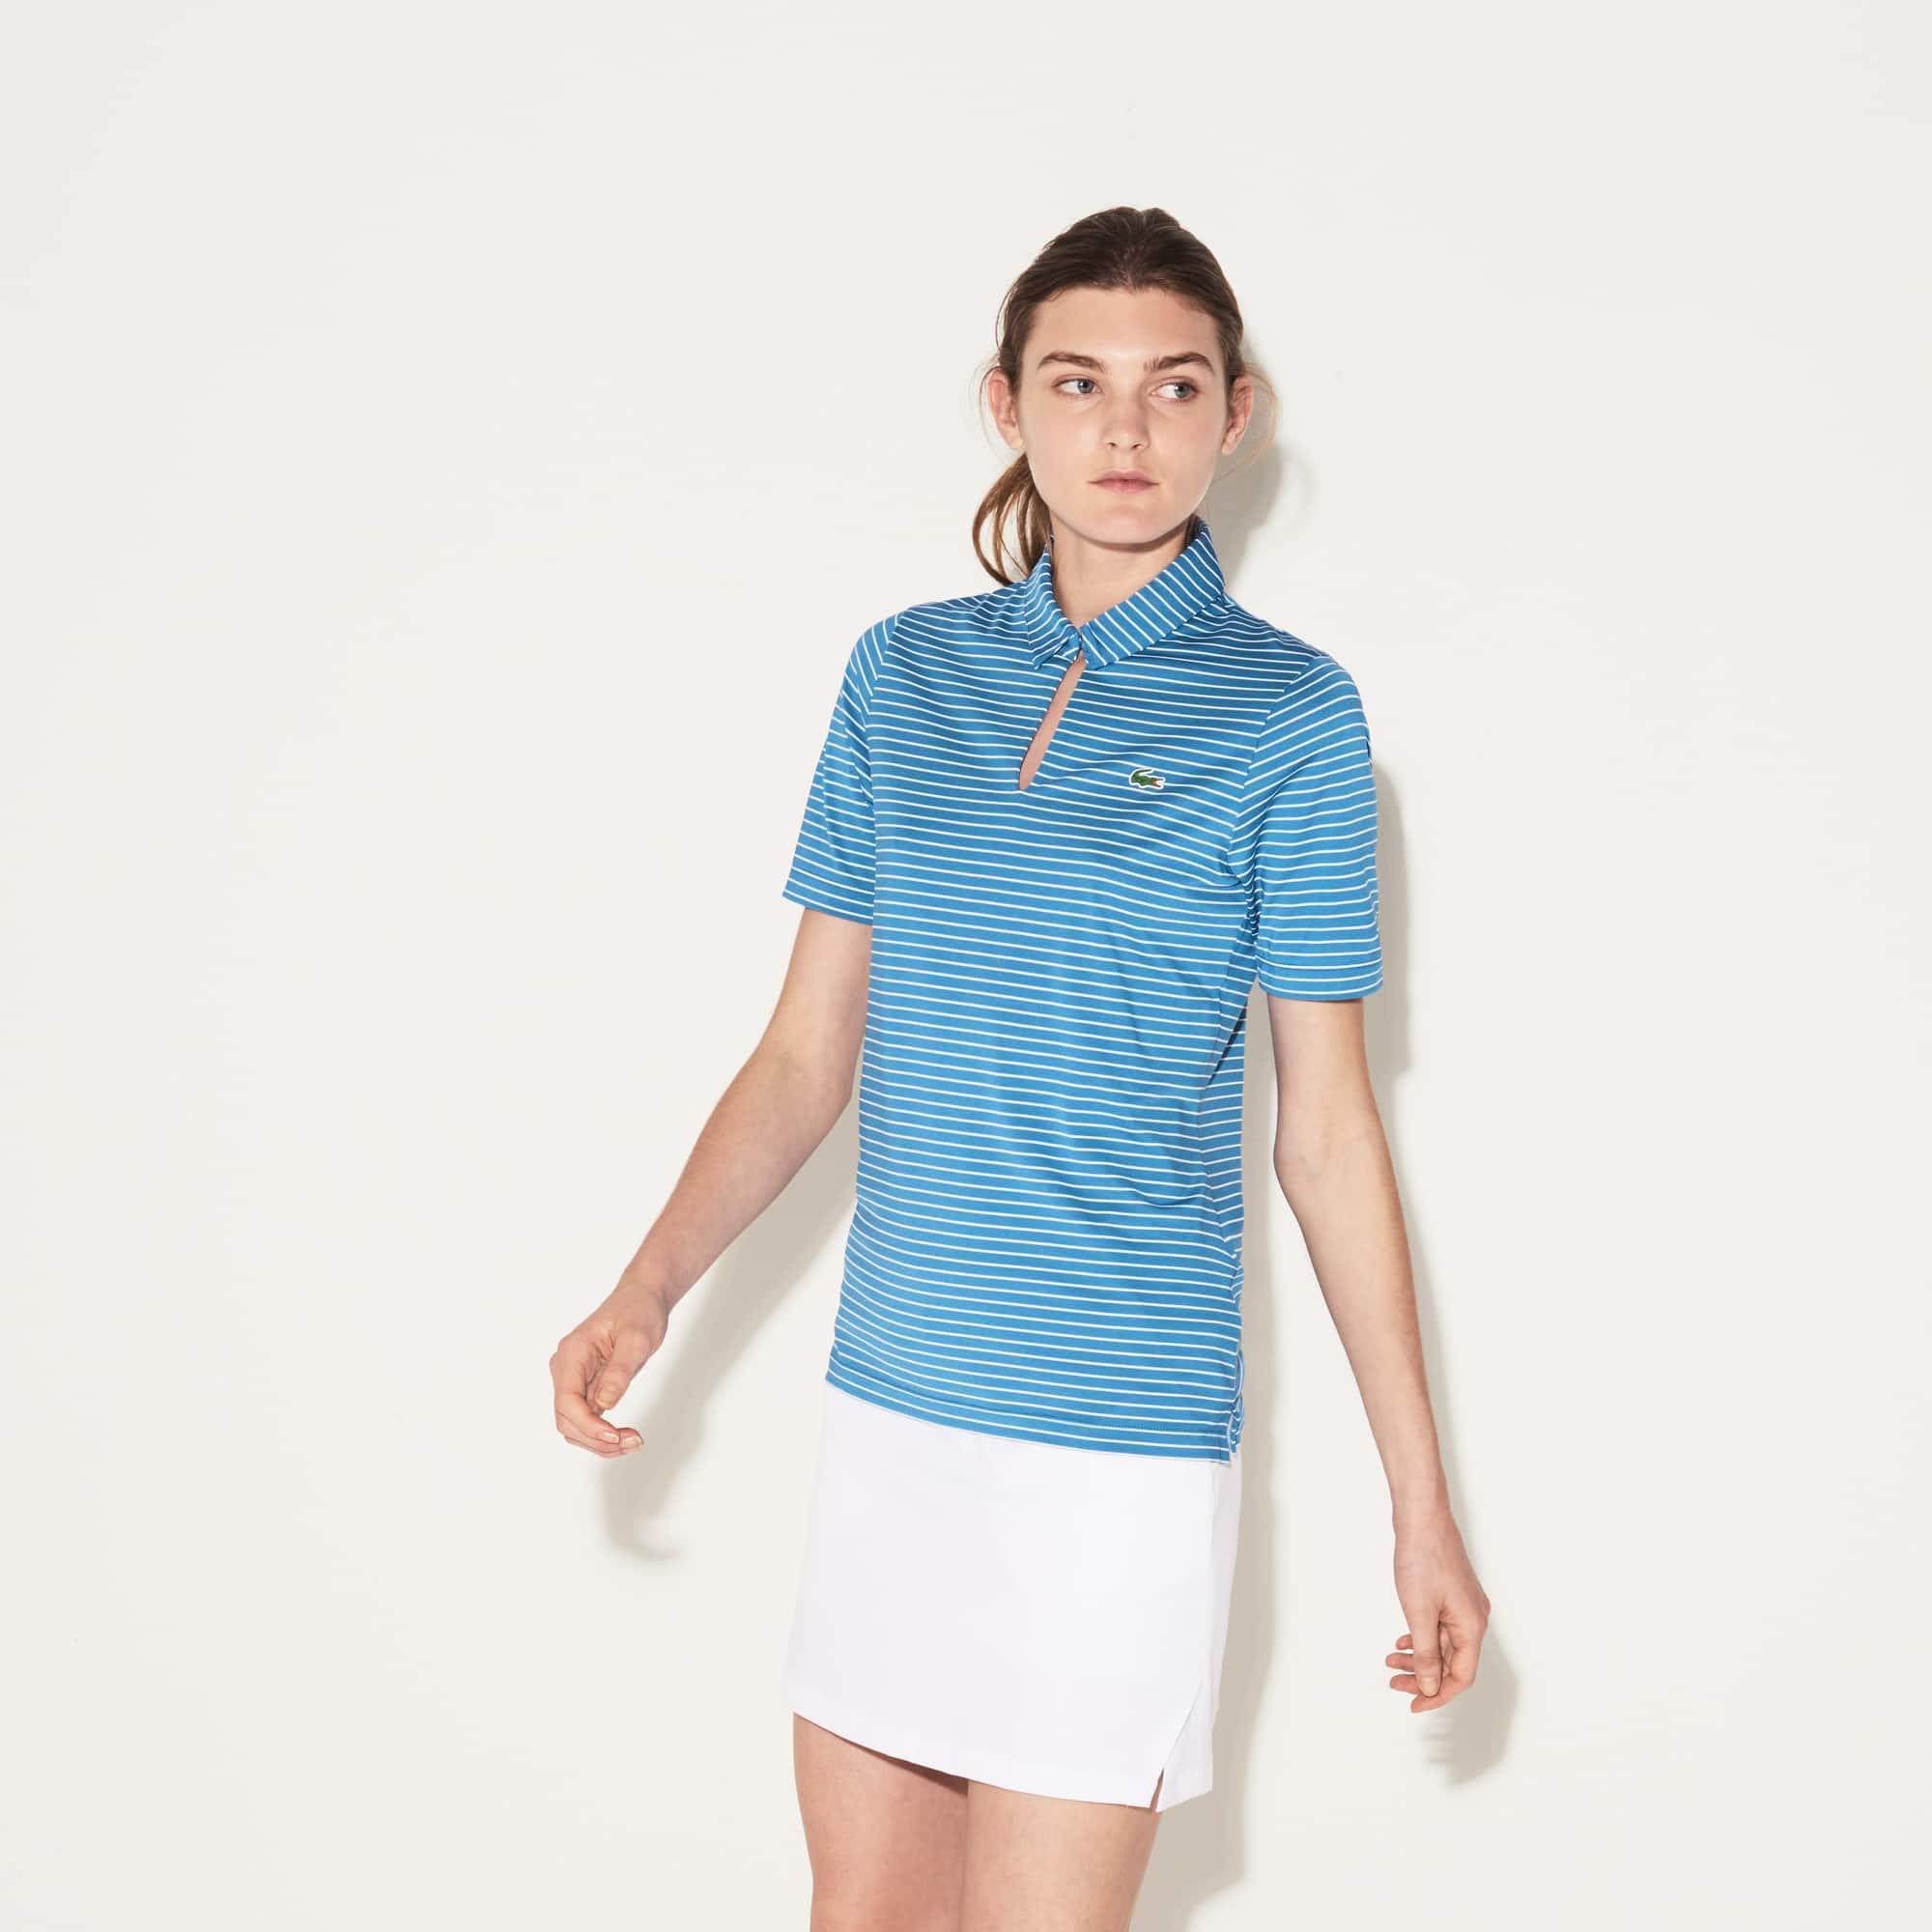 Lacoste SPORT Golf-polo dames gestreept jersey met traanvormige hals